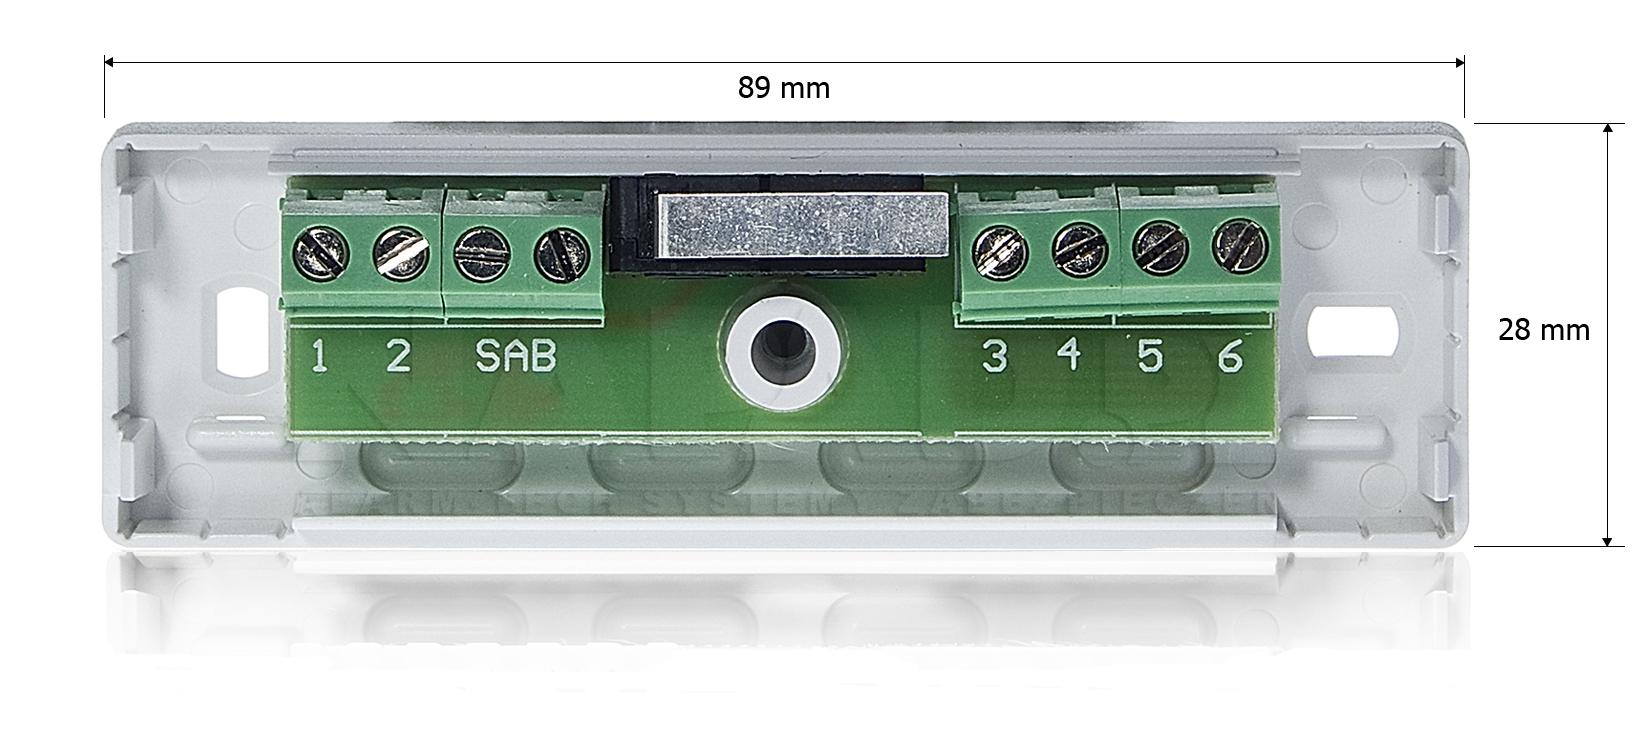 Wymiary modułu zacisku montażowego MZ 1S.